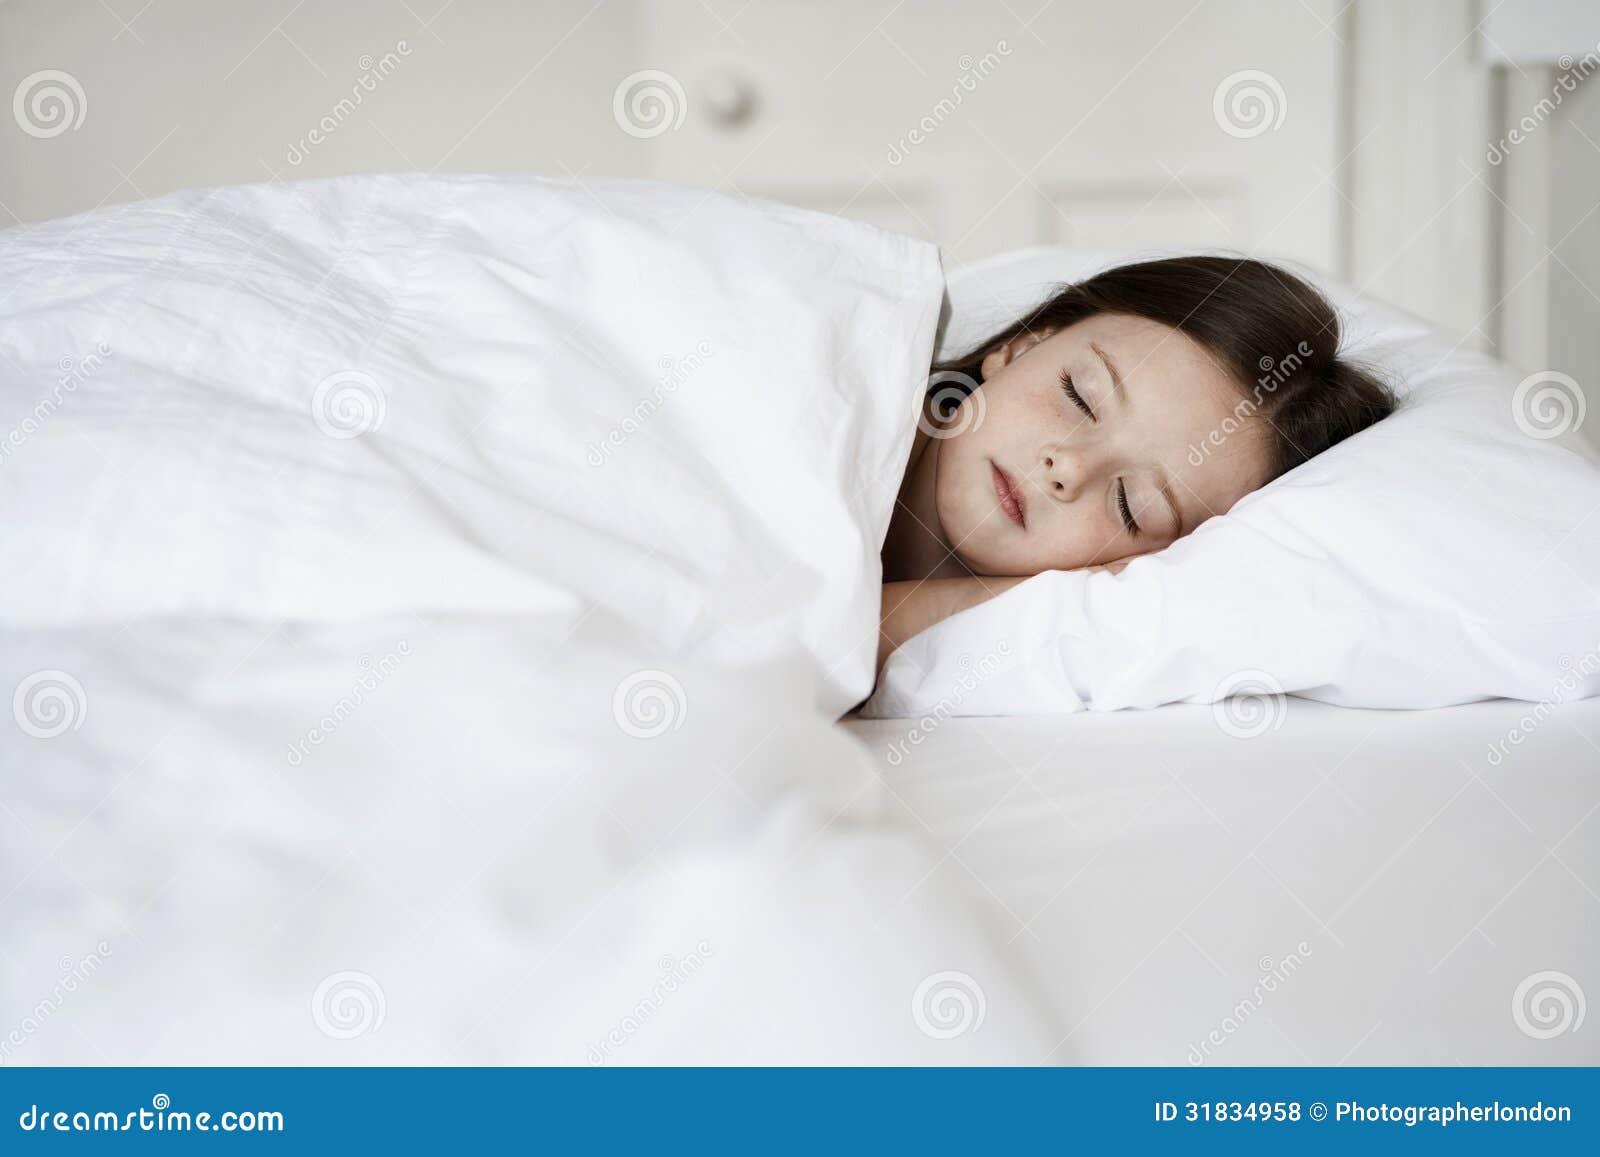 Стянул одеяло с сестры, Сводный брат забрался в постель к спящей сестре 26 фотография